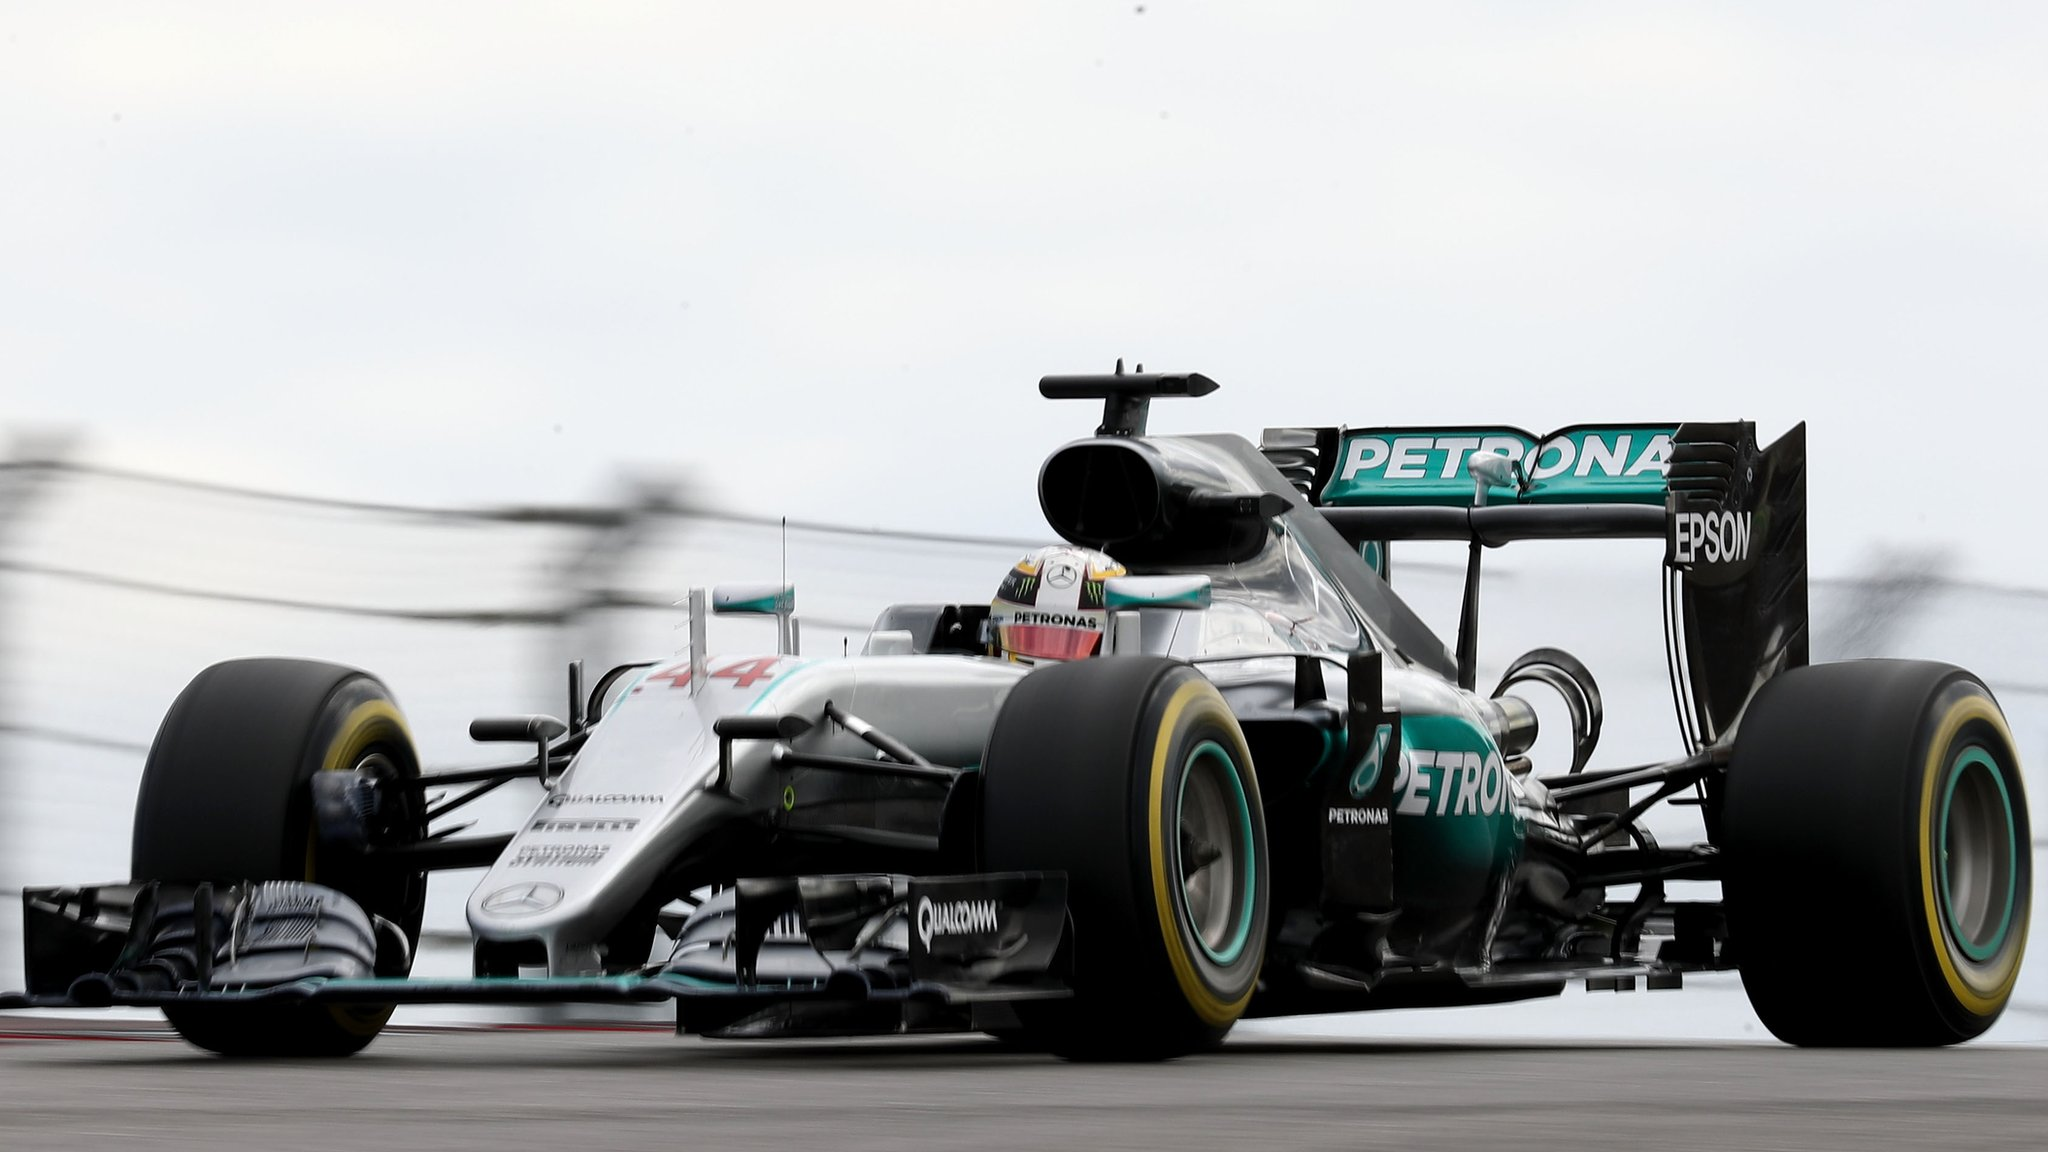 Hamilton beats Rosberg in Mexico GP practice